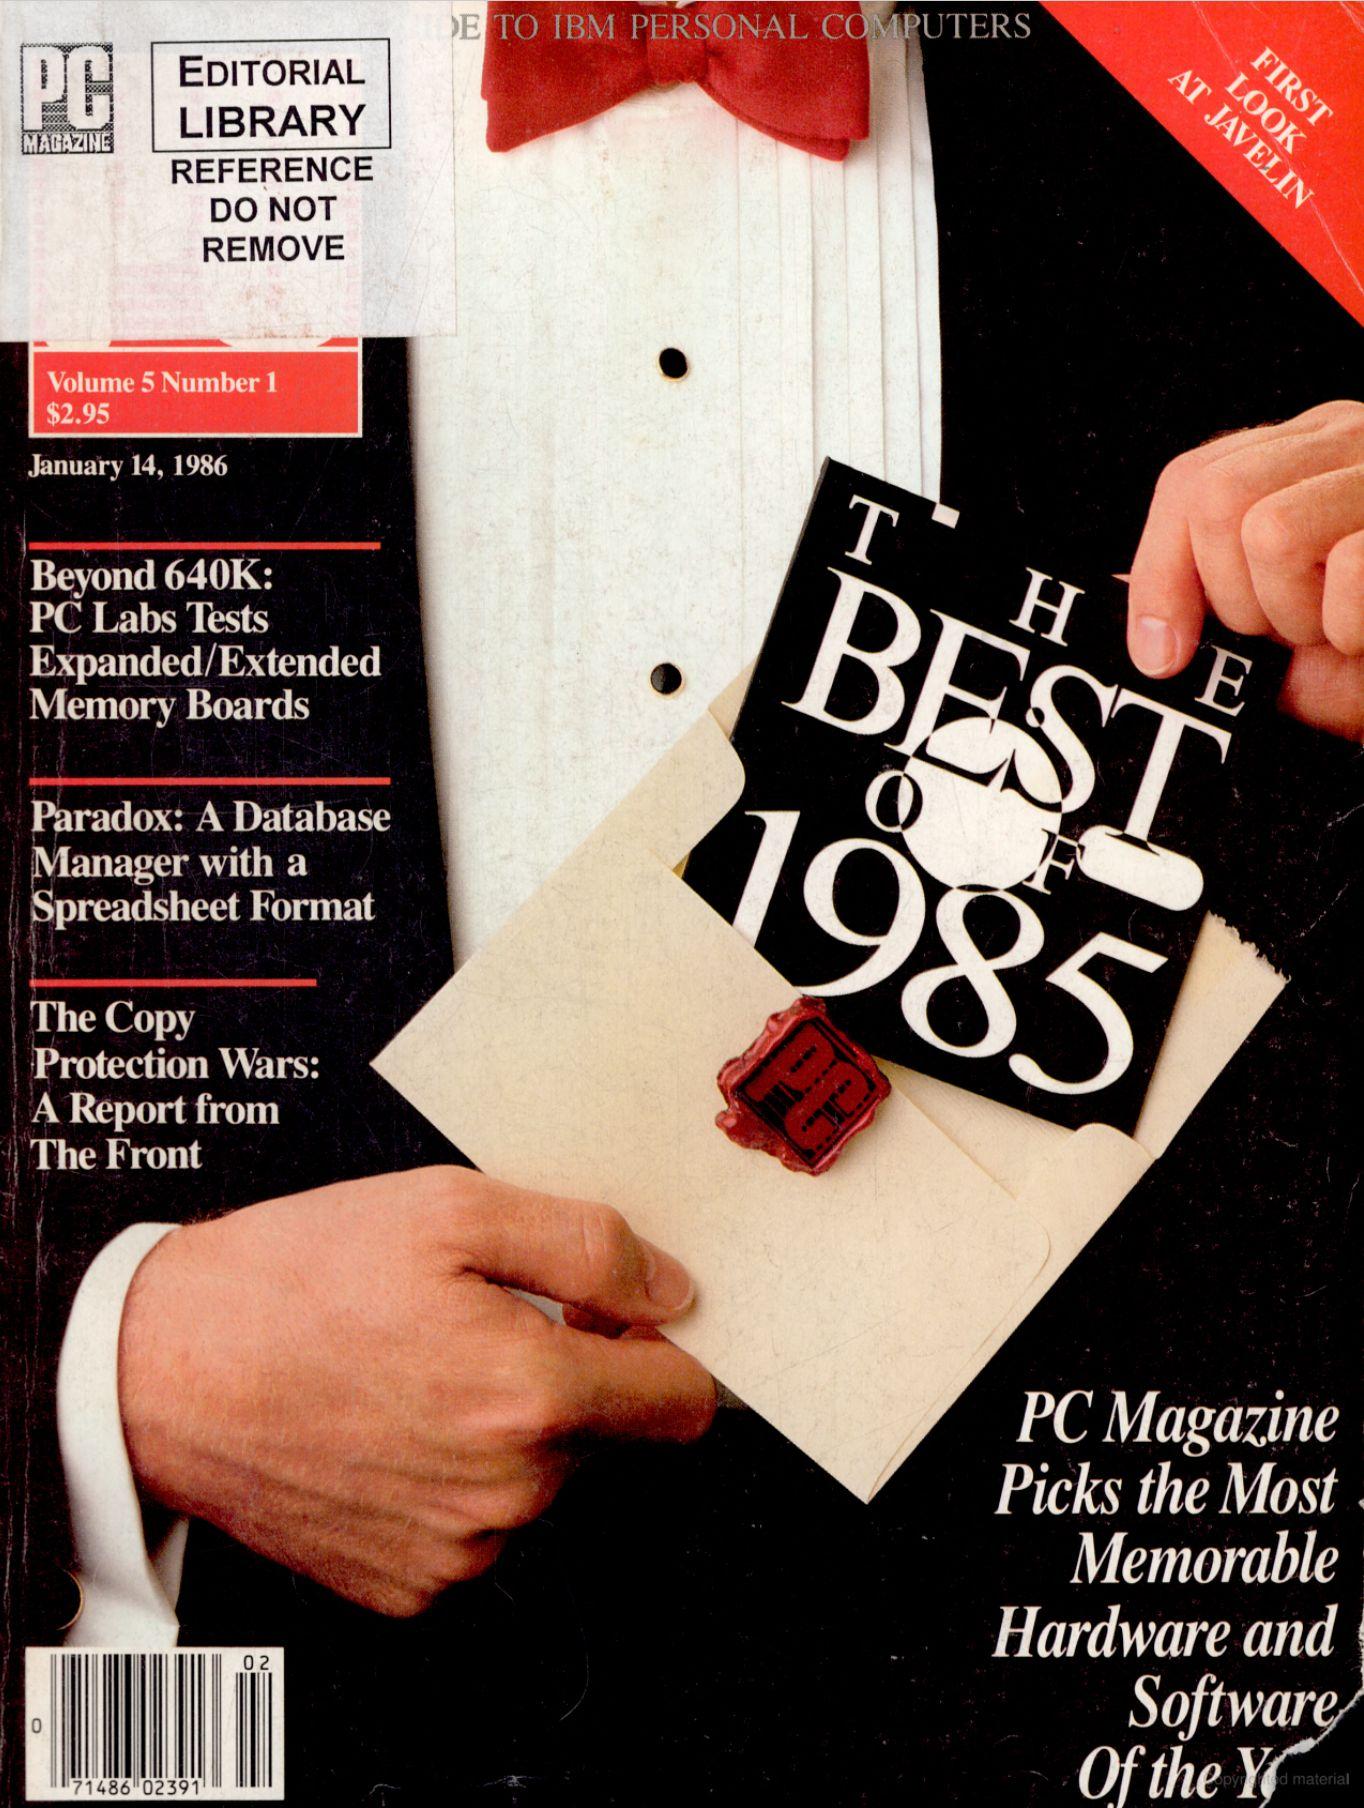 Древности: 20 лет компьютерных технологий в публикациях СМИ - 2